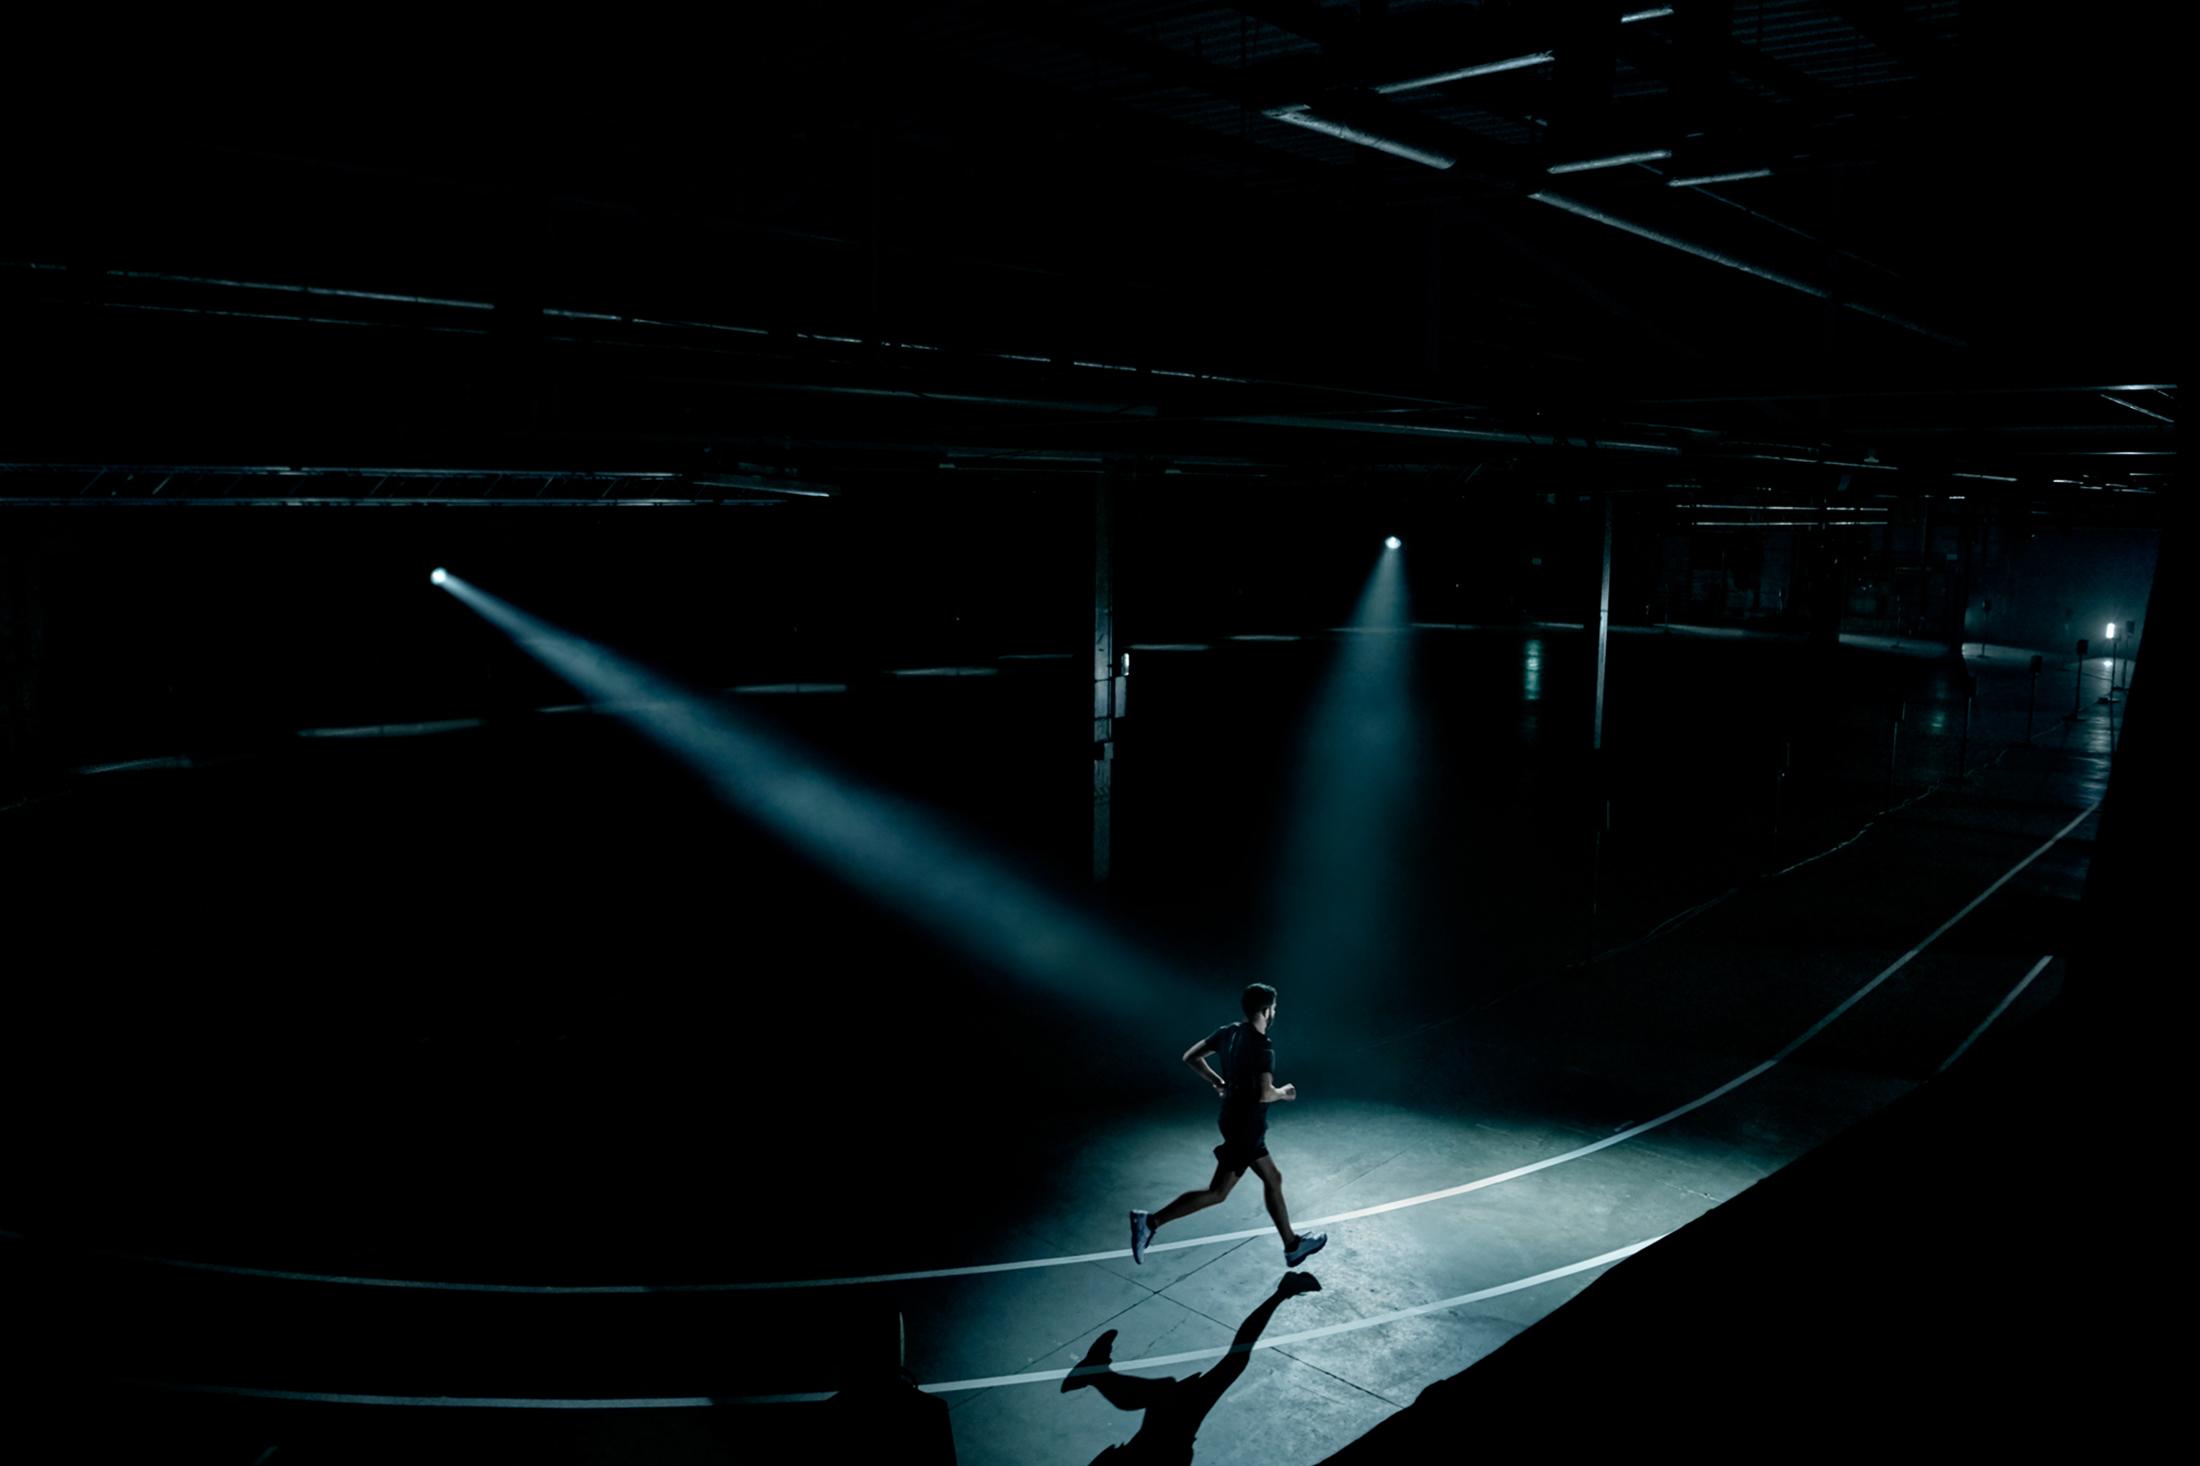 dan-event-photographer-london 24.jpg